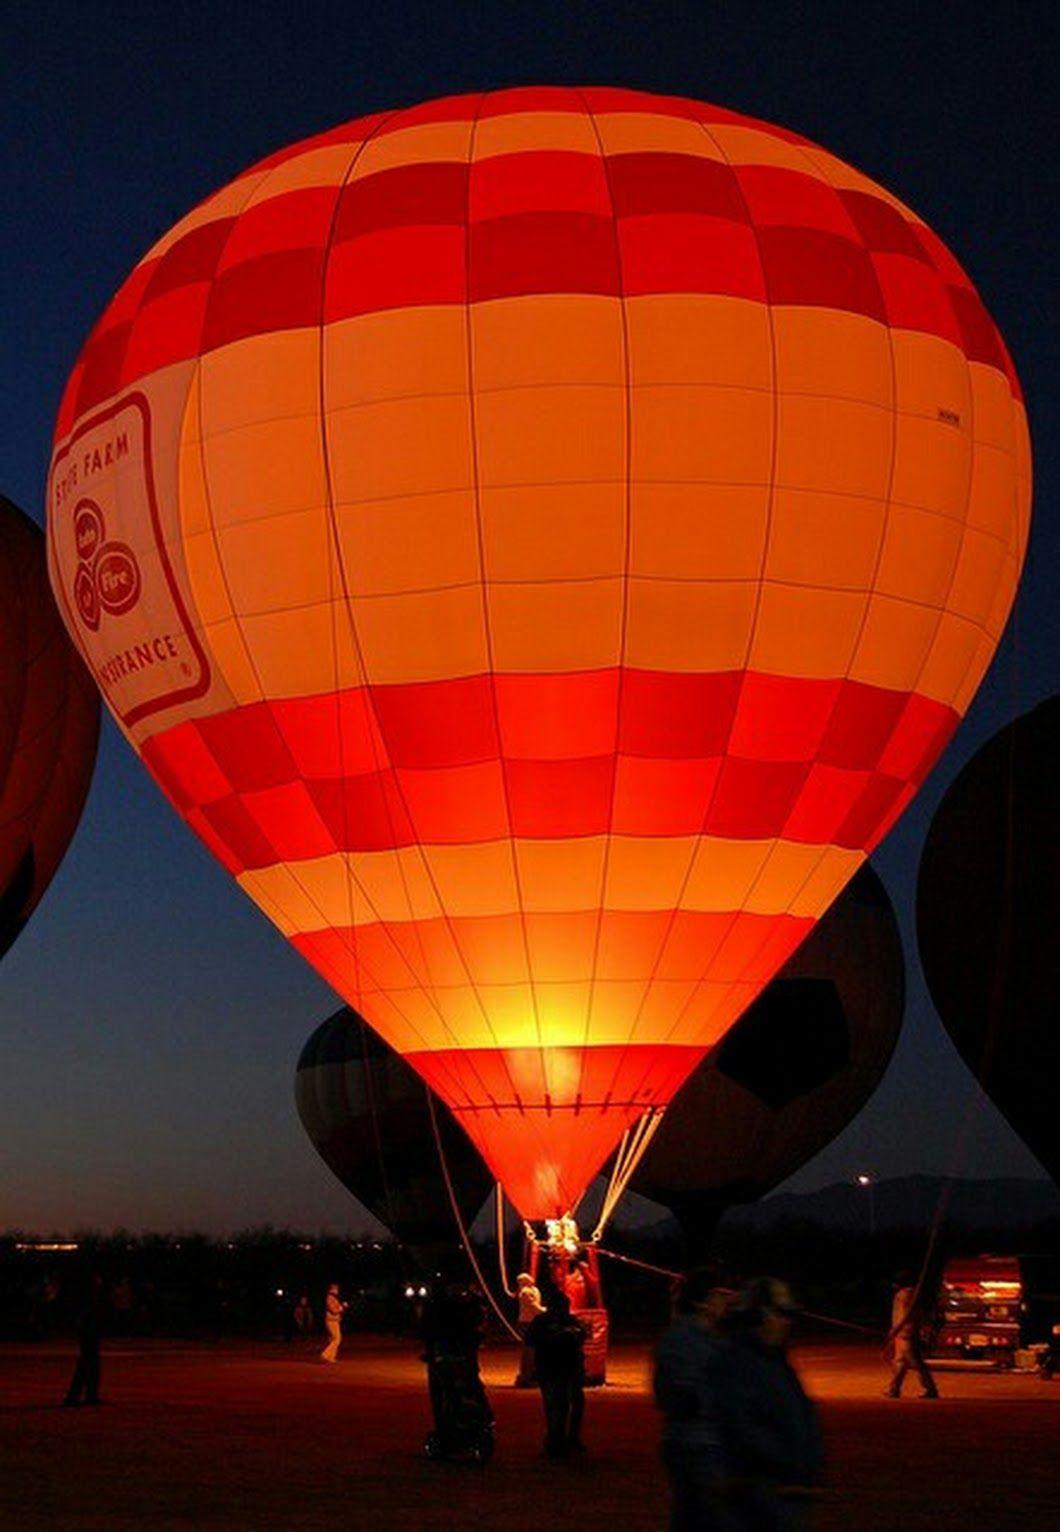 Hot Air Balloon At Night Hot Air Balloon Air Balloon Air Balloon Rides